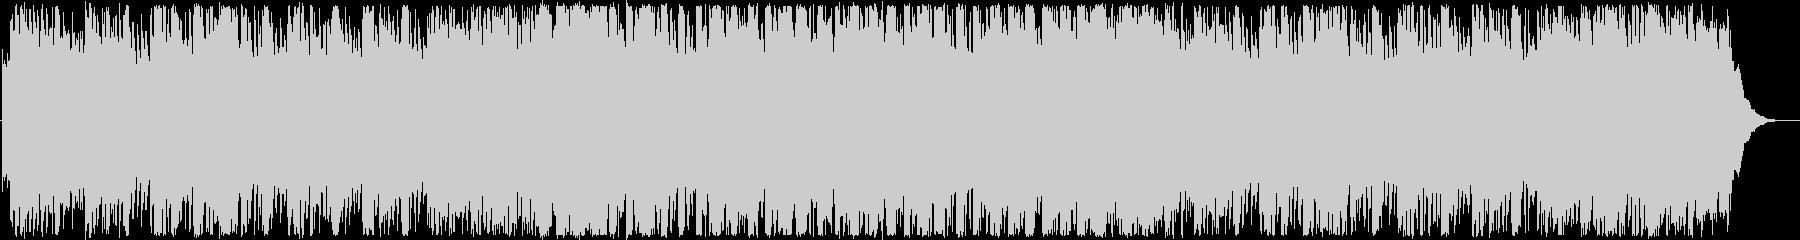 オープニング・おしゃれなEDMの未再生の波形